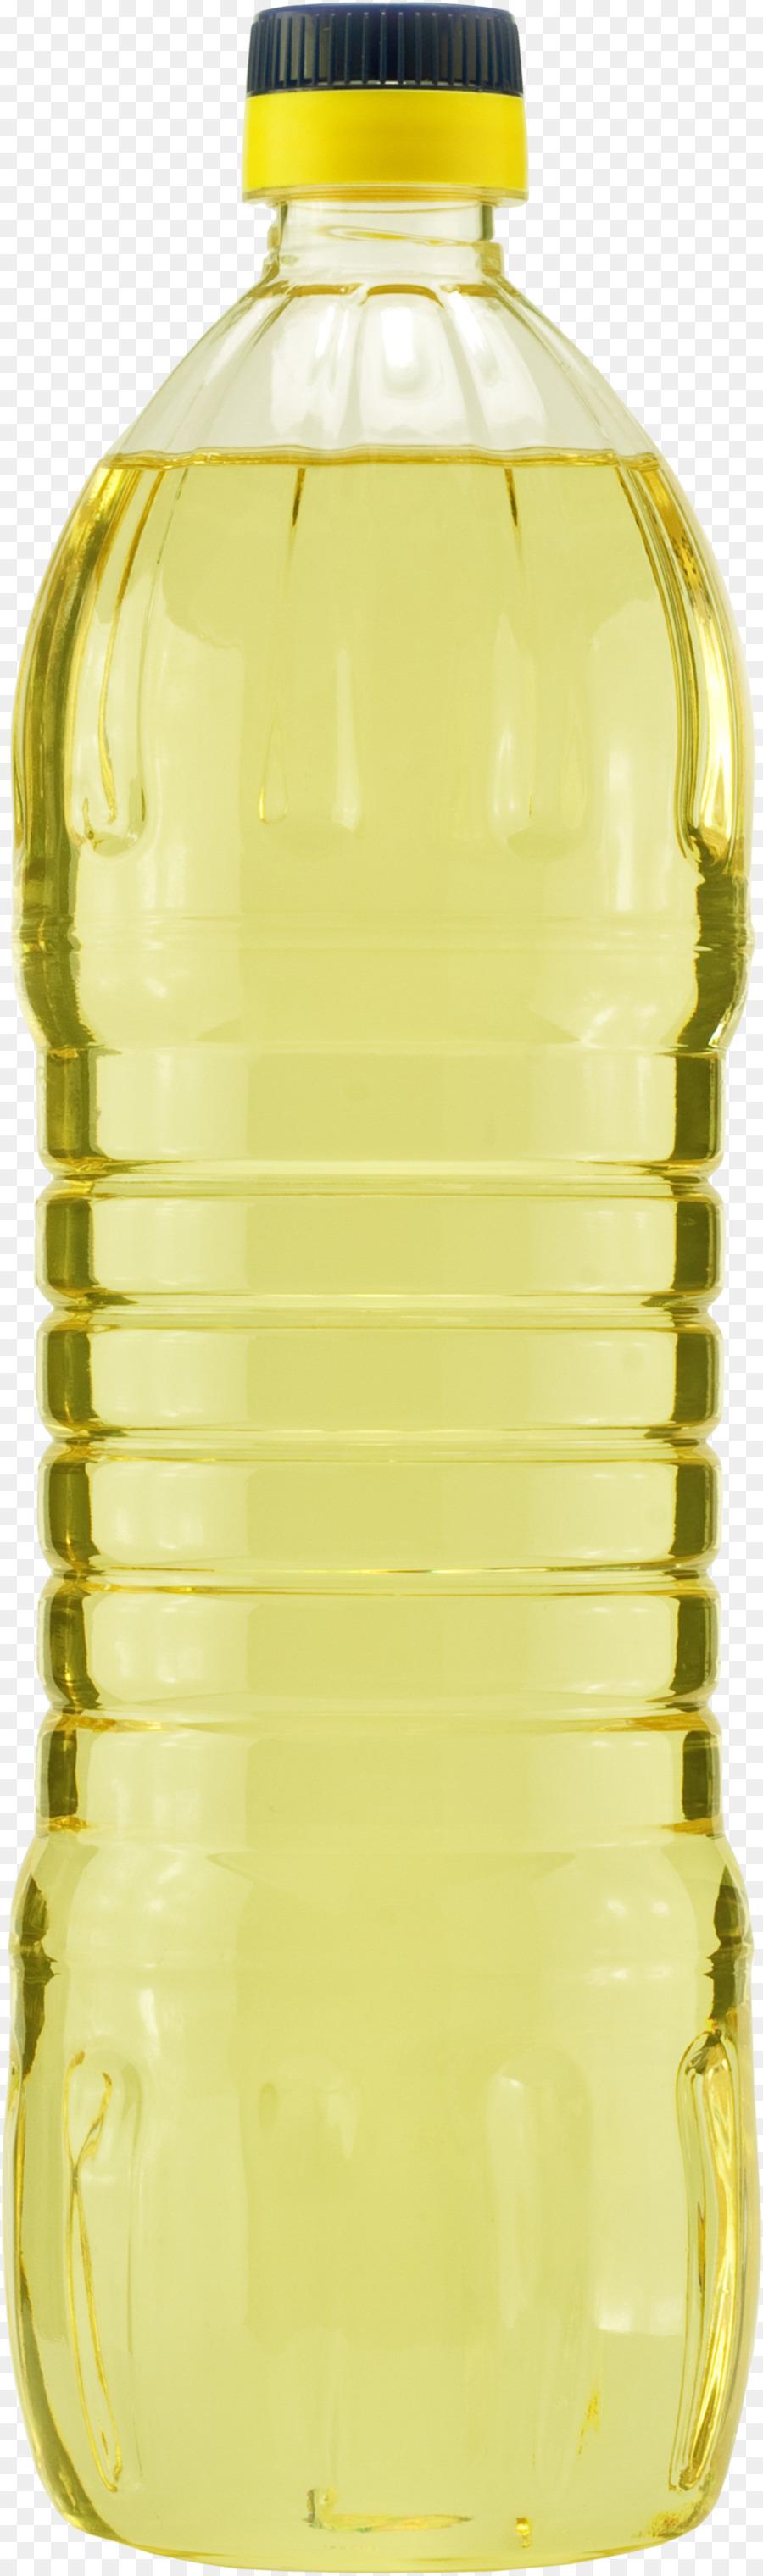 Descarga gratuita de El Aceite De Soja, Aceite De Girasol, Aceite Vegetal Imágen de Png